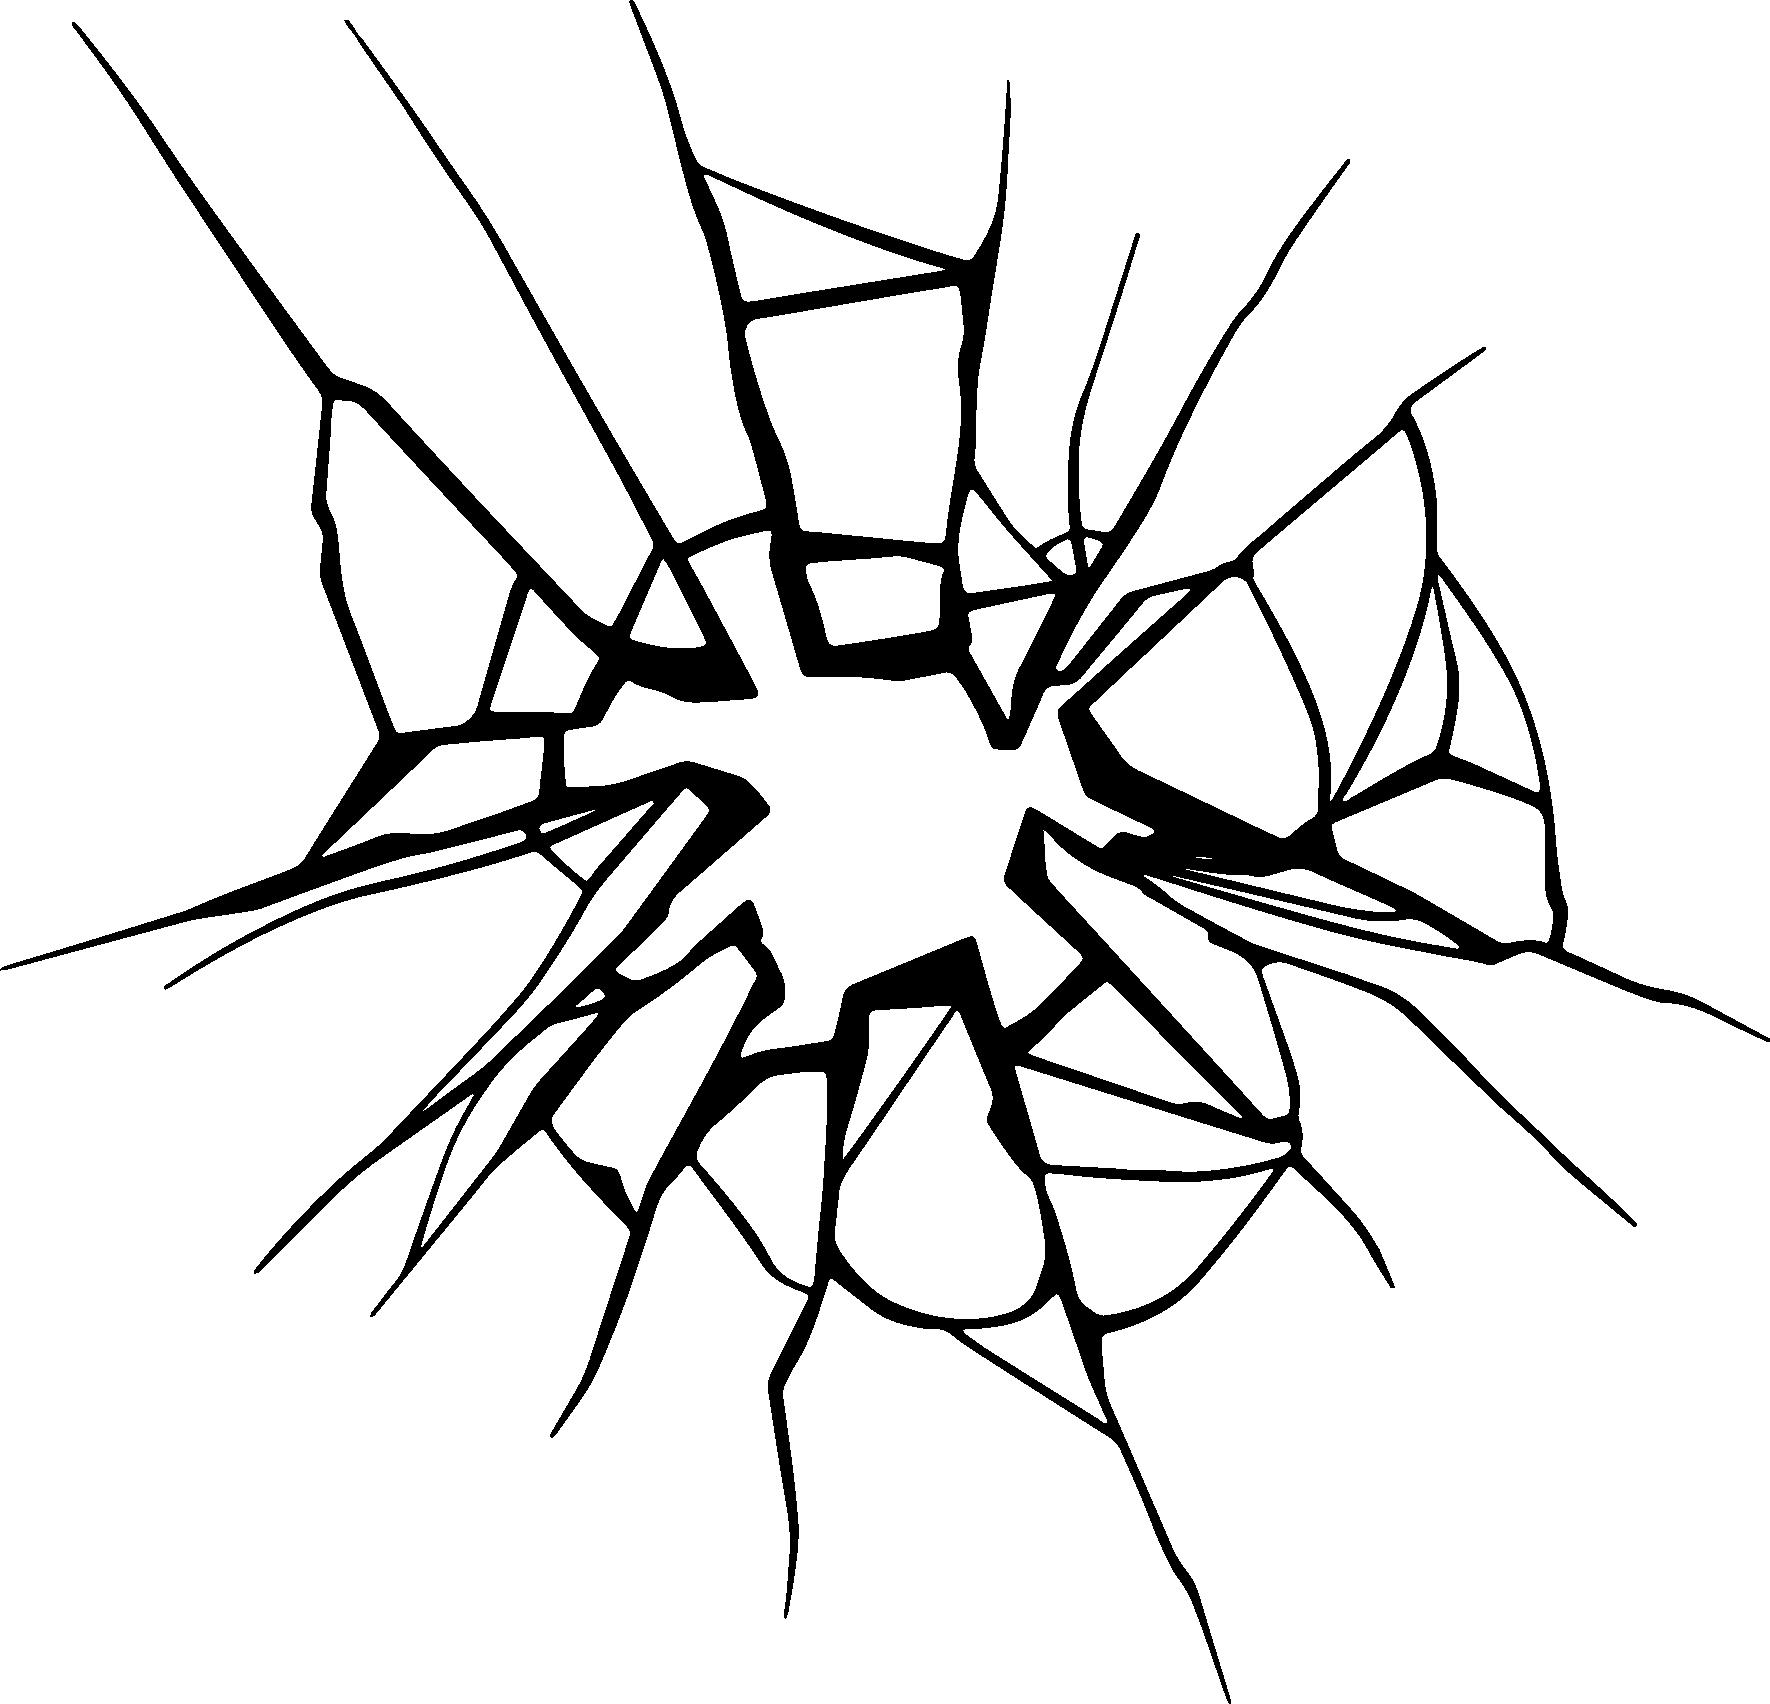 Cracked Glass Svg Broken Glass Svg Cracked Glass Svg Bundle Cracked Glass Clipart Shattered Glass Svg Cracked Glass Vector Silhouette Eps In 2021 Broken Glass Heart Tattoo Shattered Glass Latest Tattoo Design